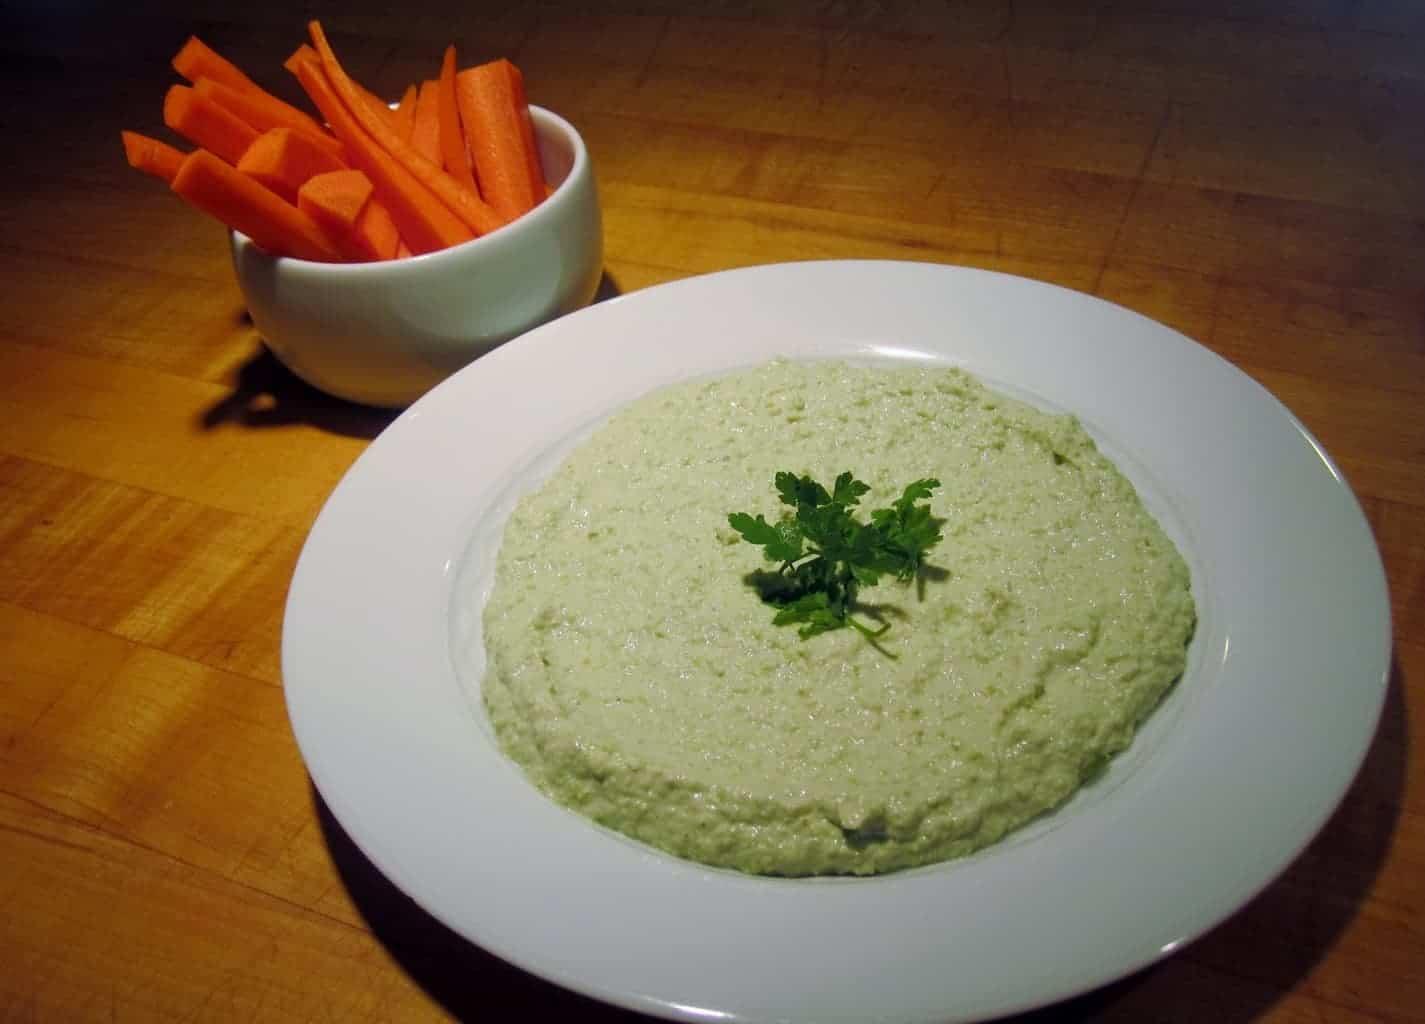 Edamummus: Edamame Hummus